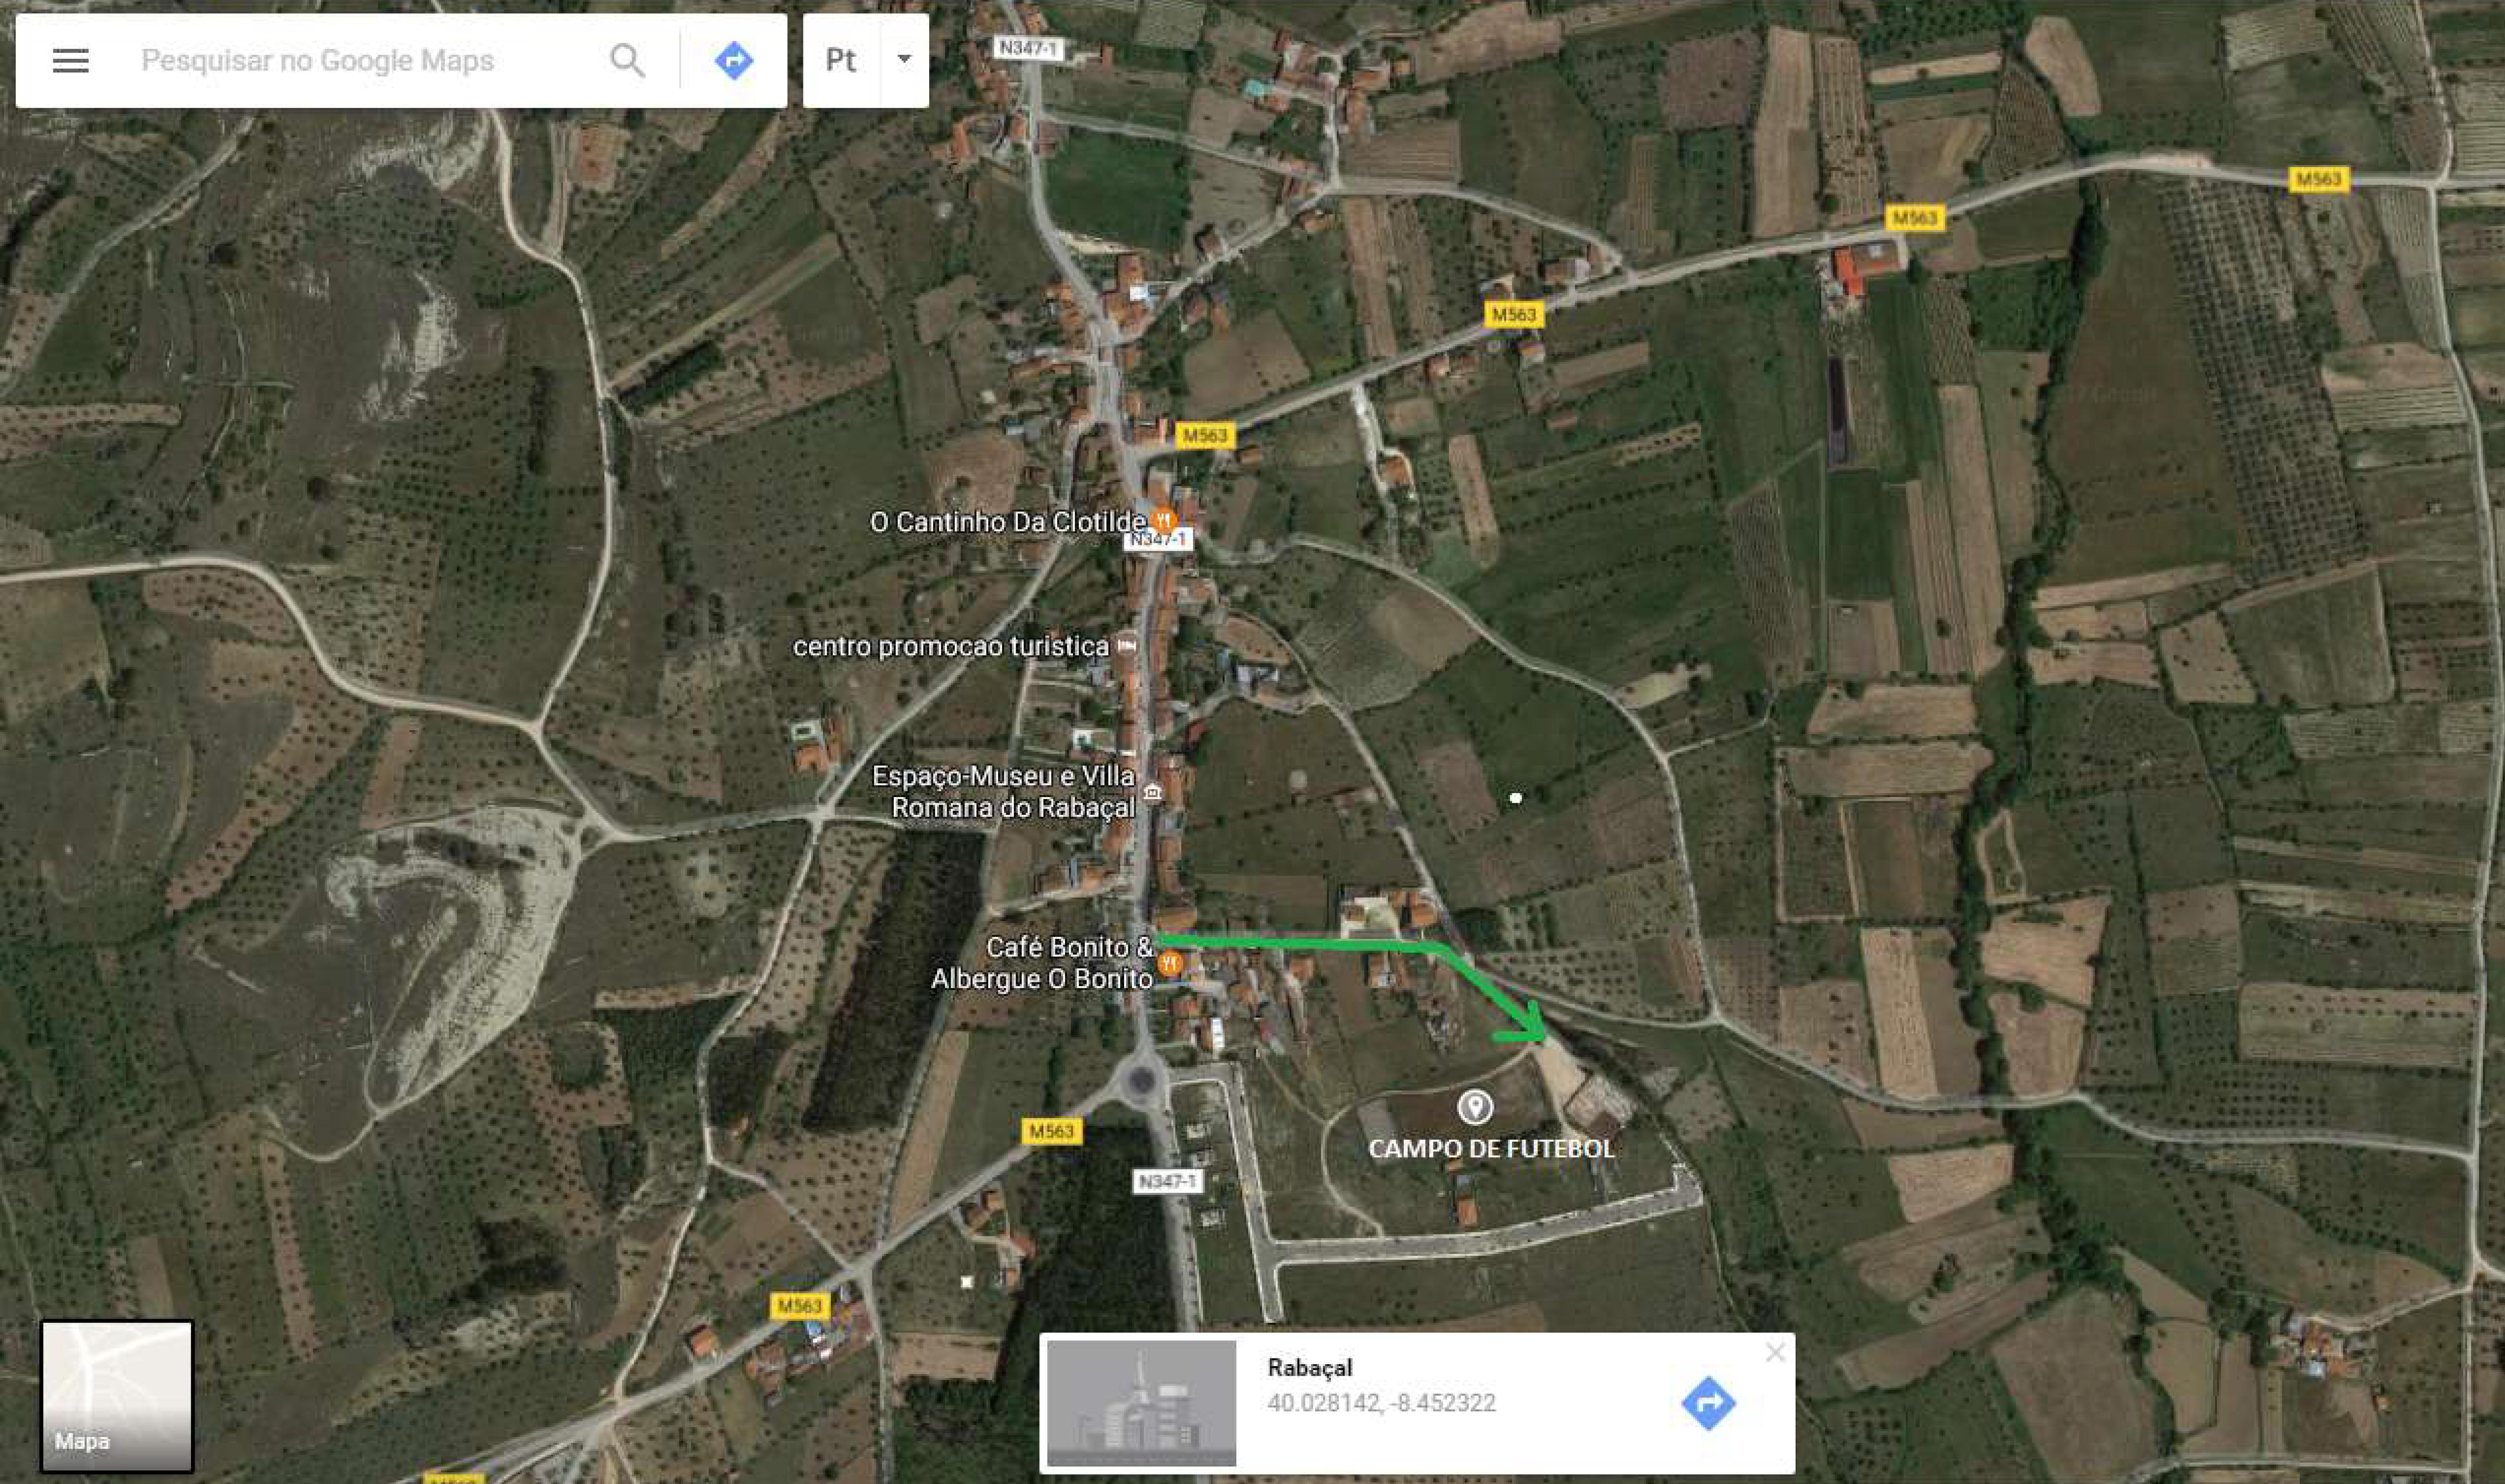 Mapa de localização do Mercado do Queijo Rabaçal e dos Romanos